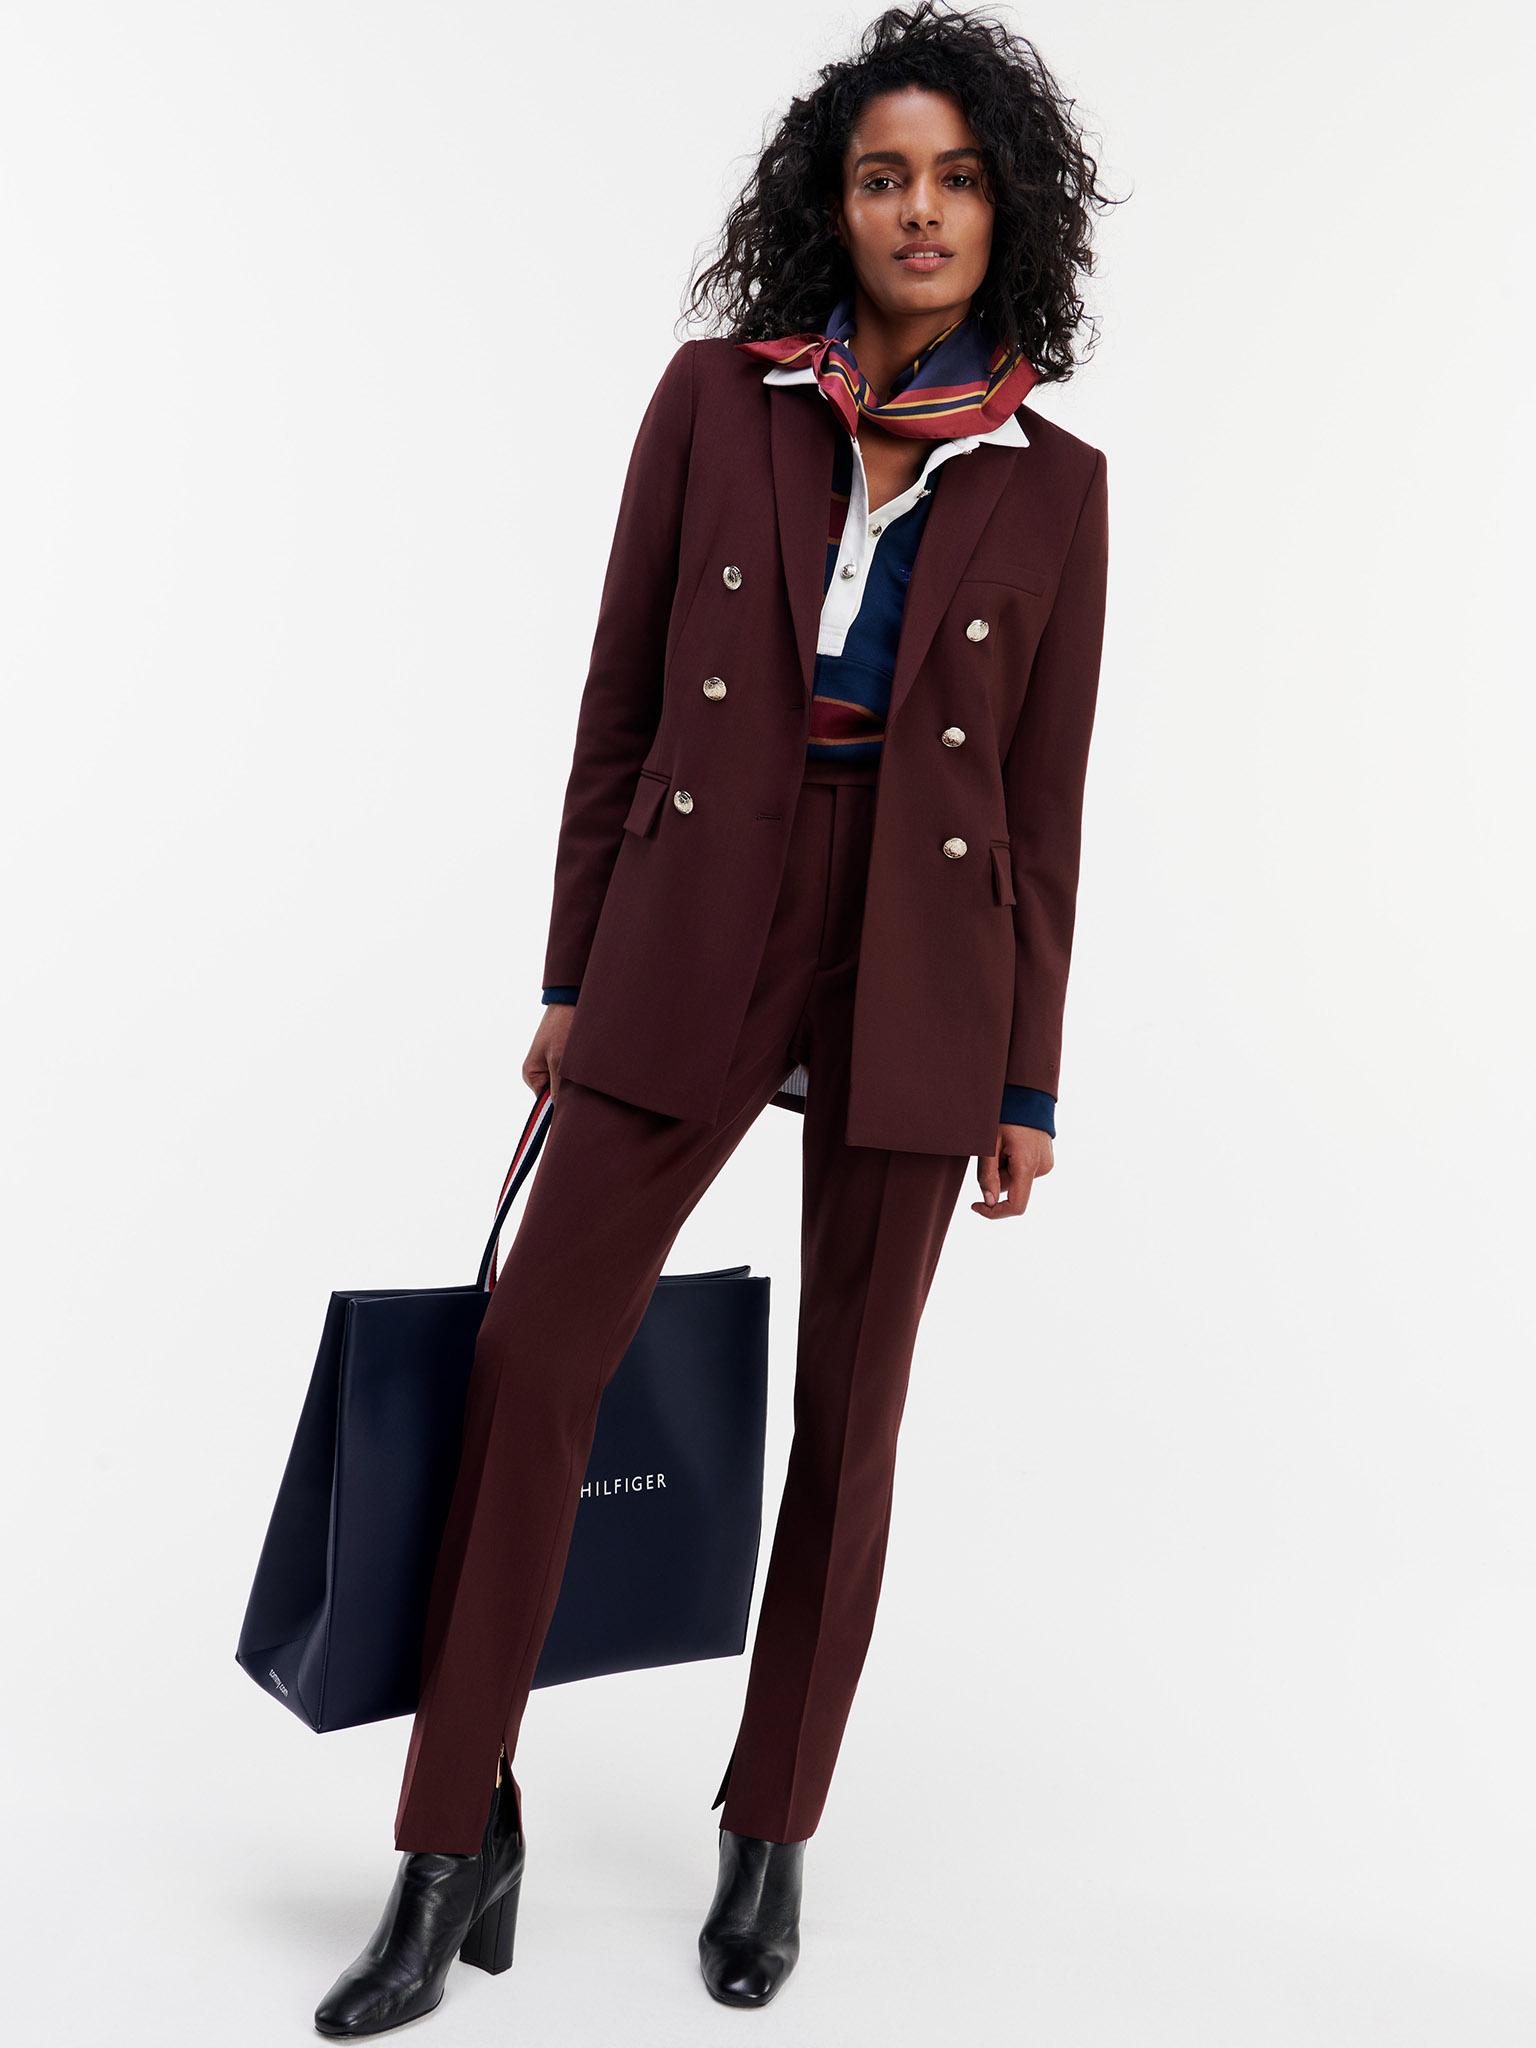 fa20_womenswear_look13